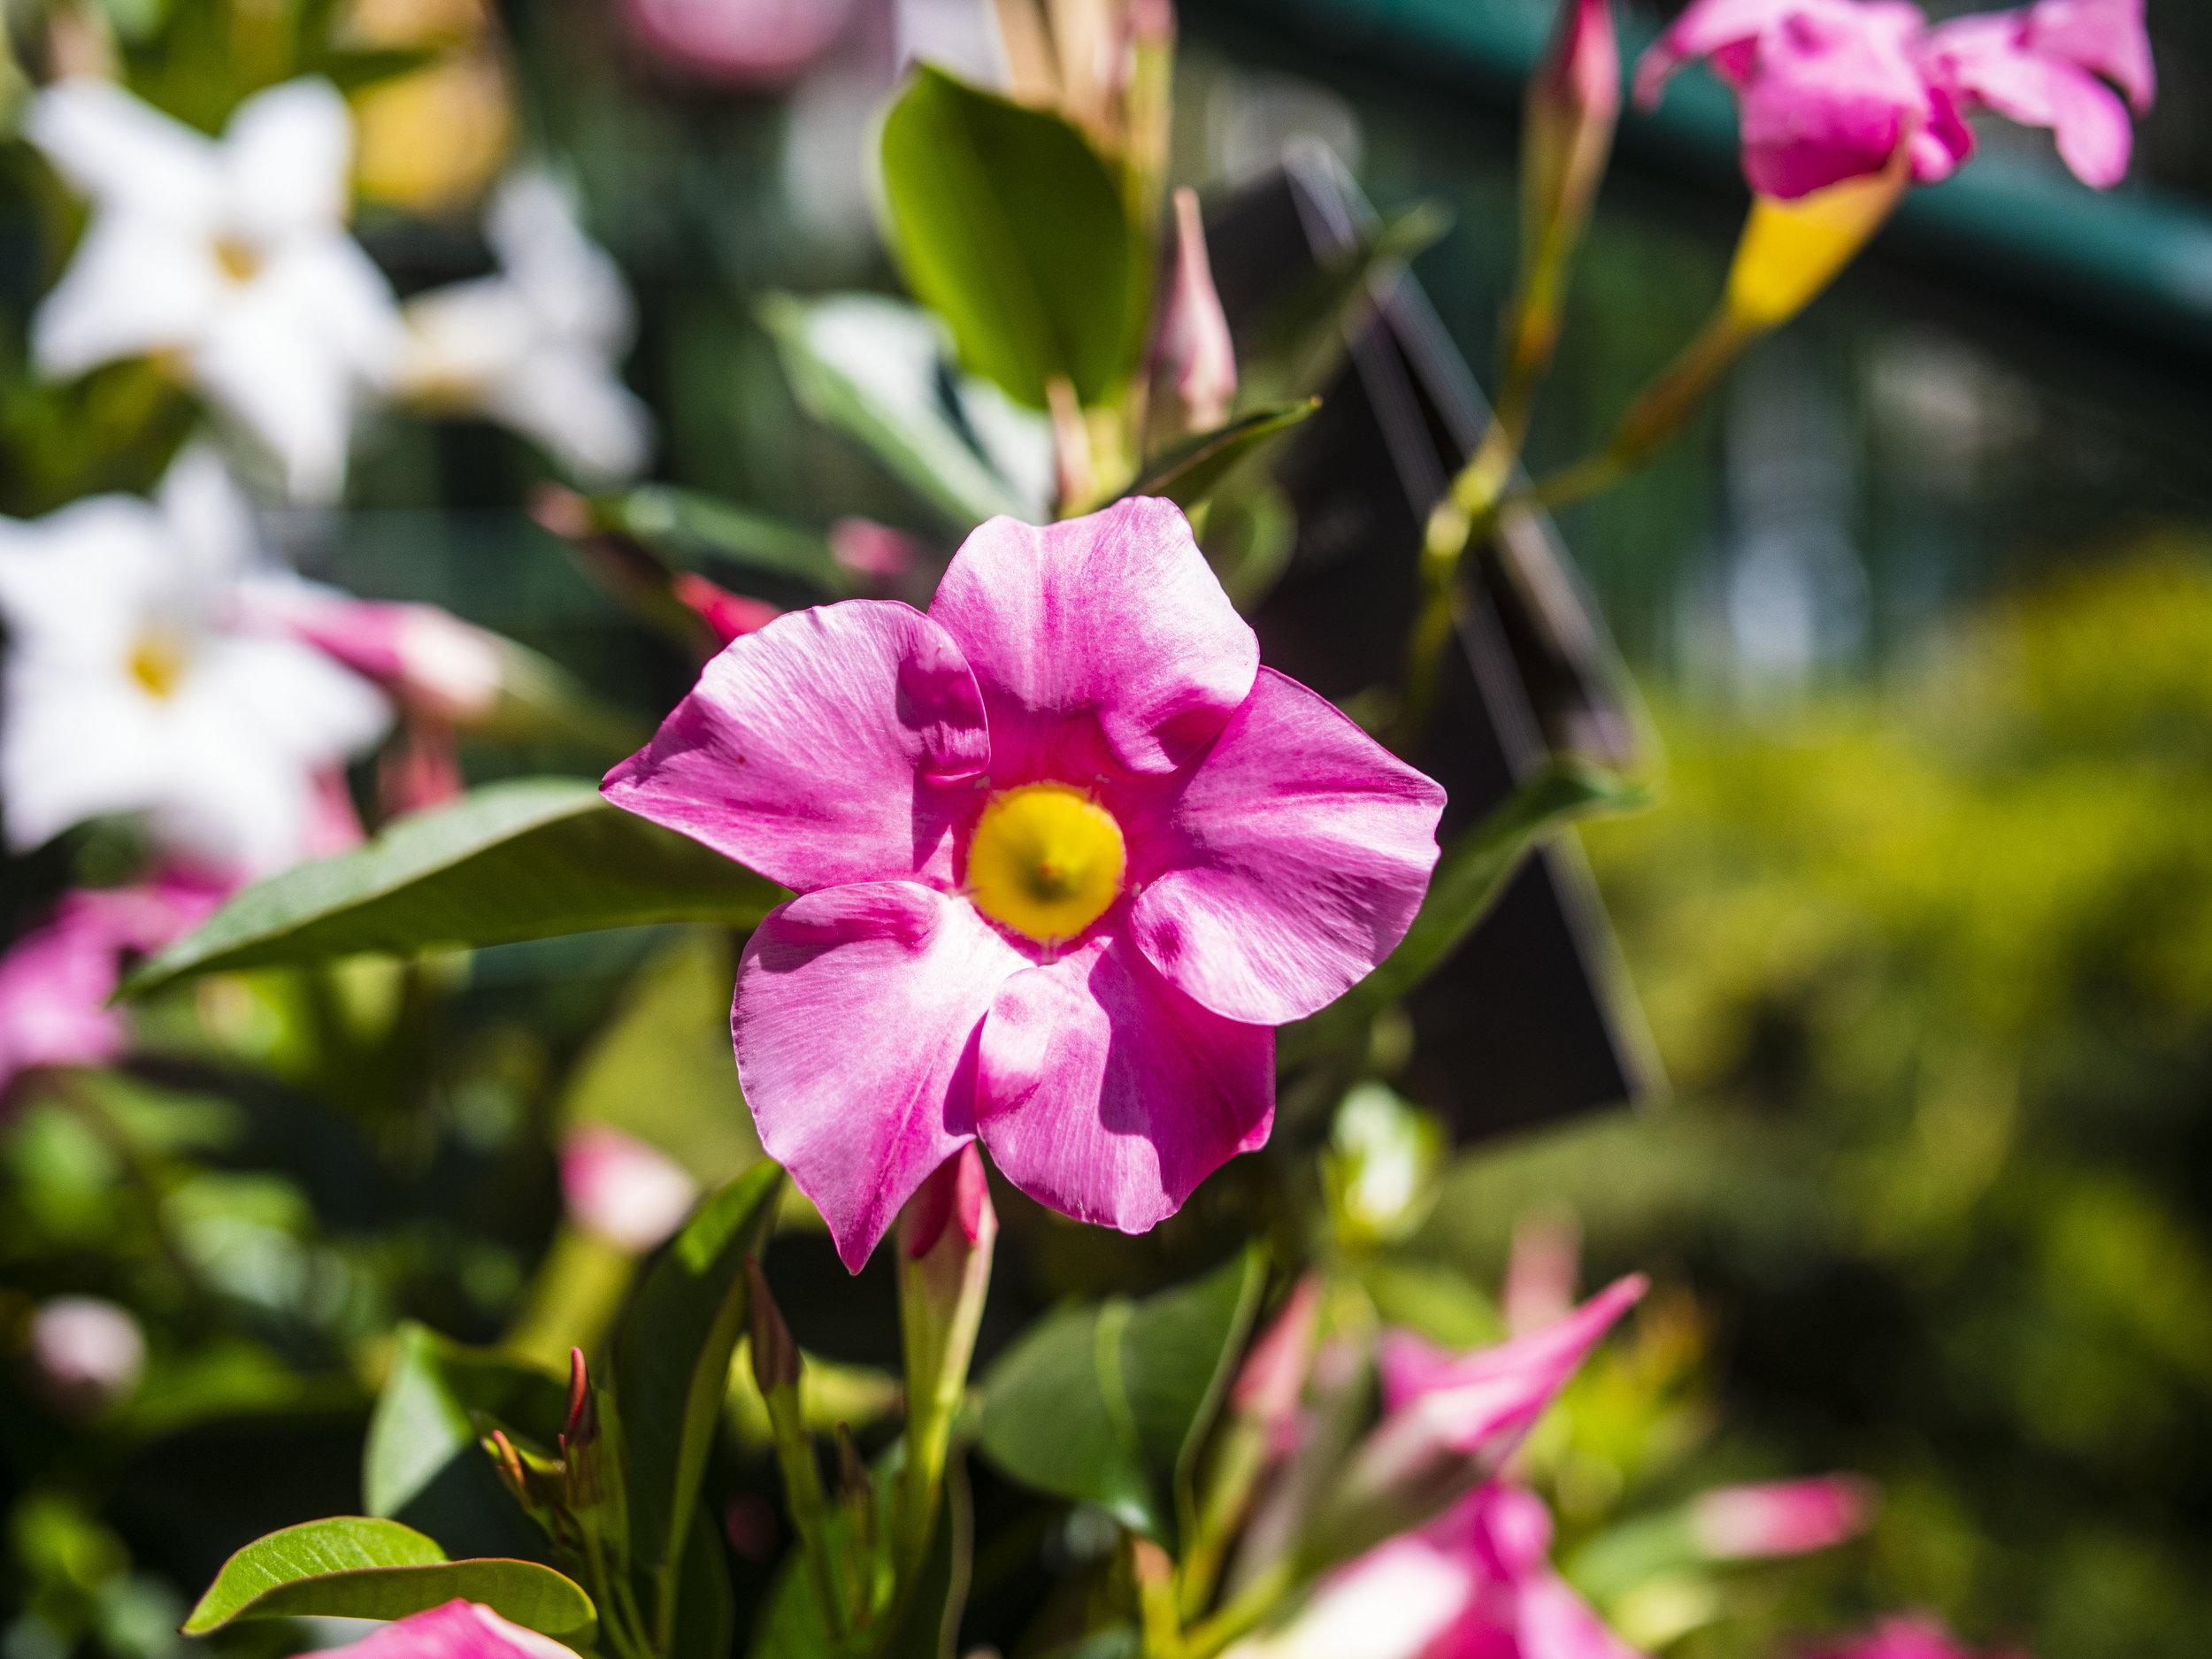 BLUMENABO  Wir liefern nach Vereinbarung regelmäßig frische Blumenfreuden direkt zu Ihnen ins Haus.